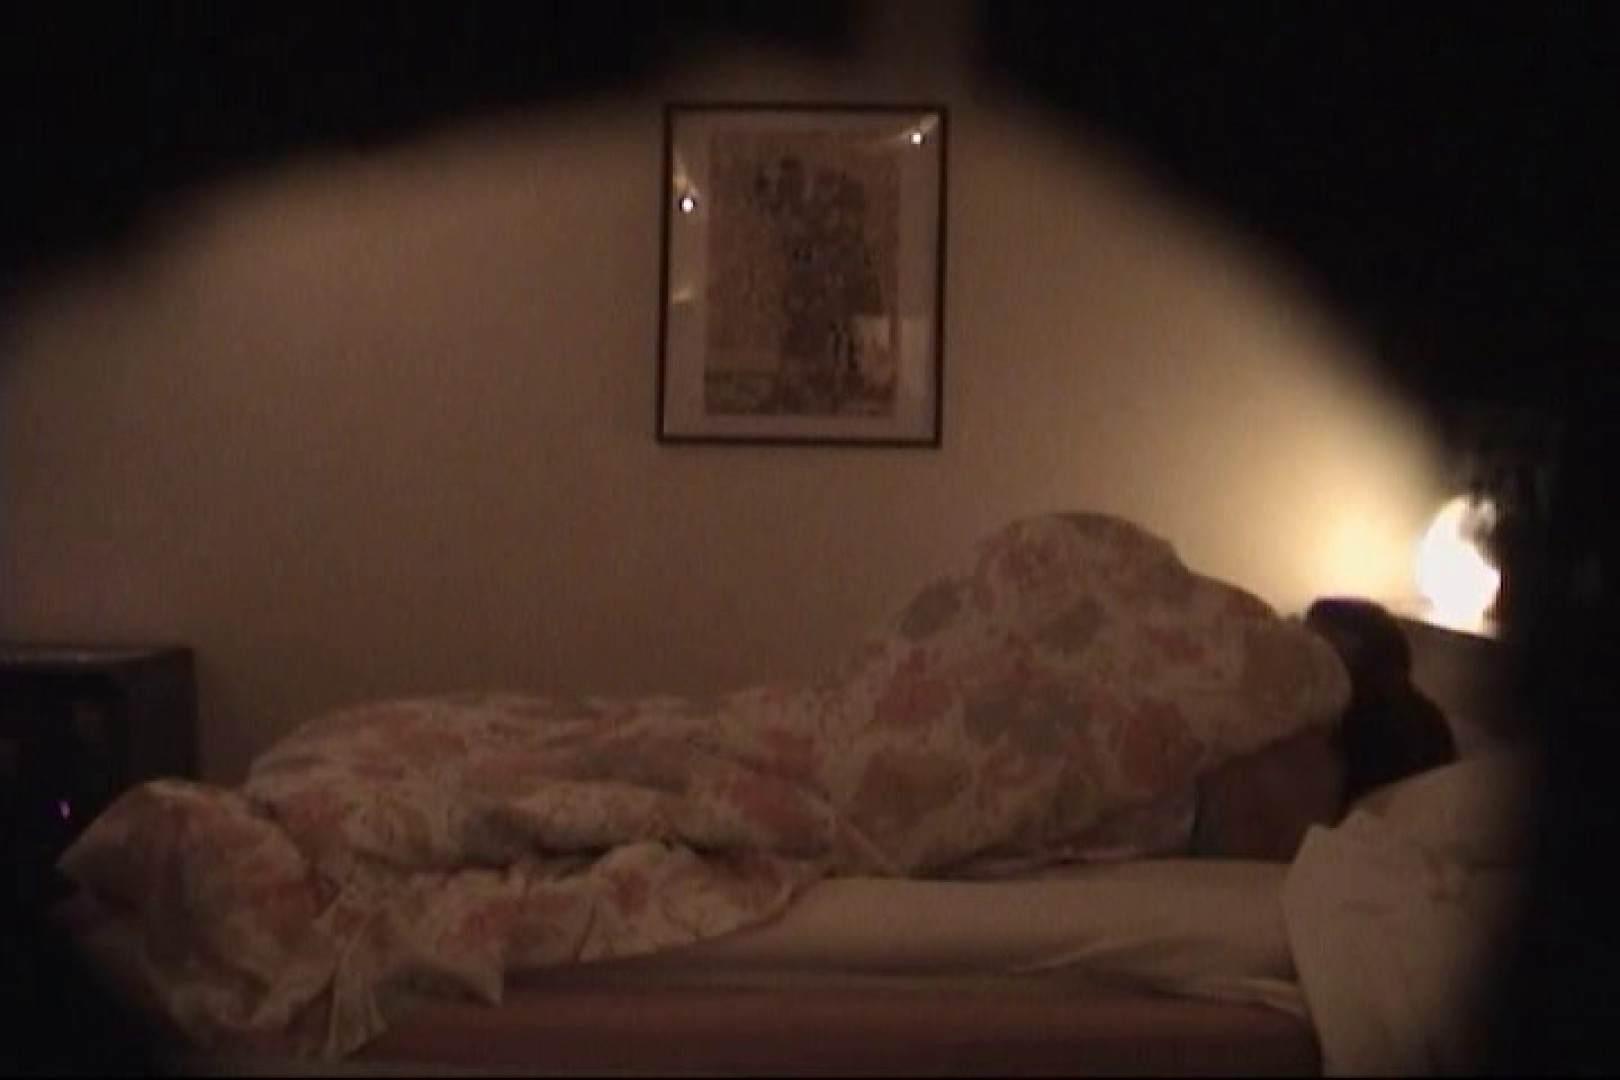 デリ嬢マル秘撮り本物投稿版④ ホテル  92連発 18